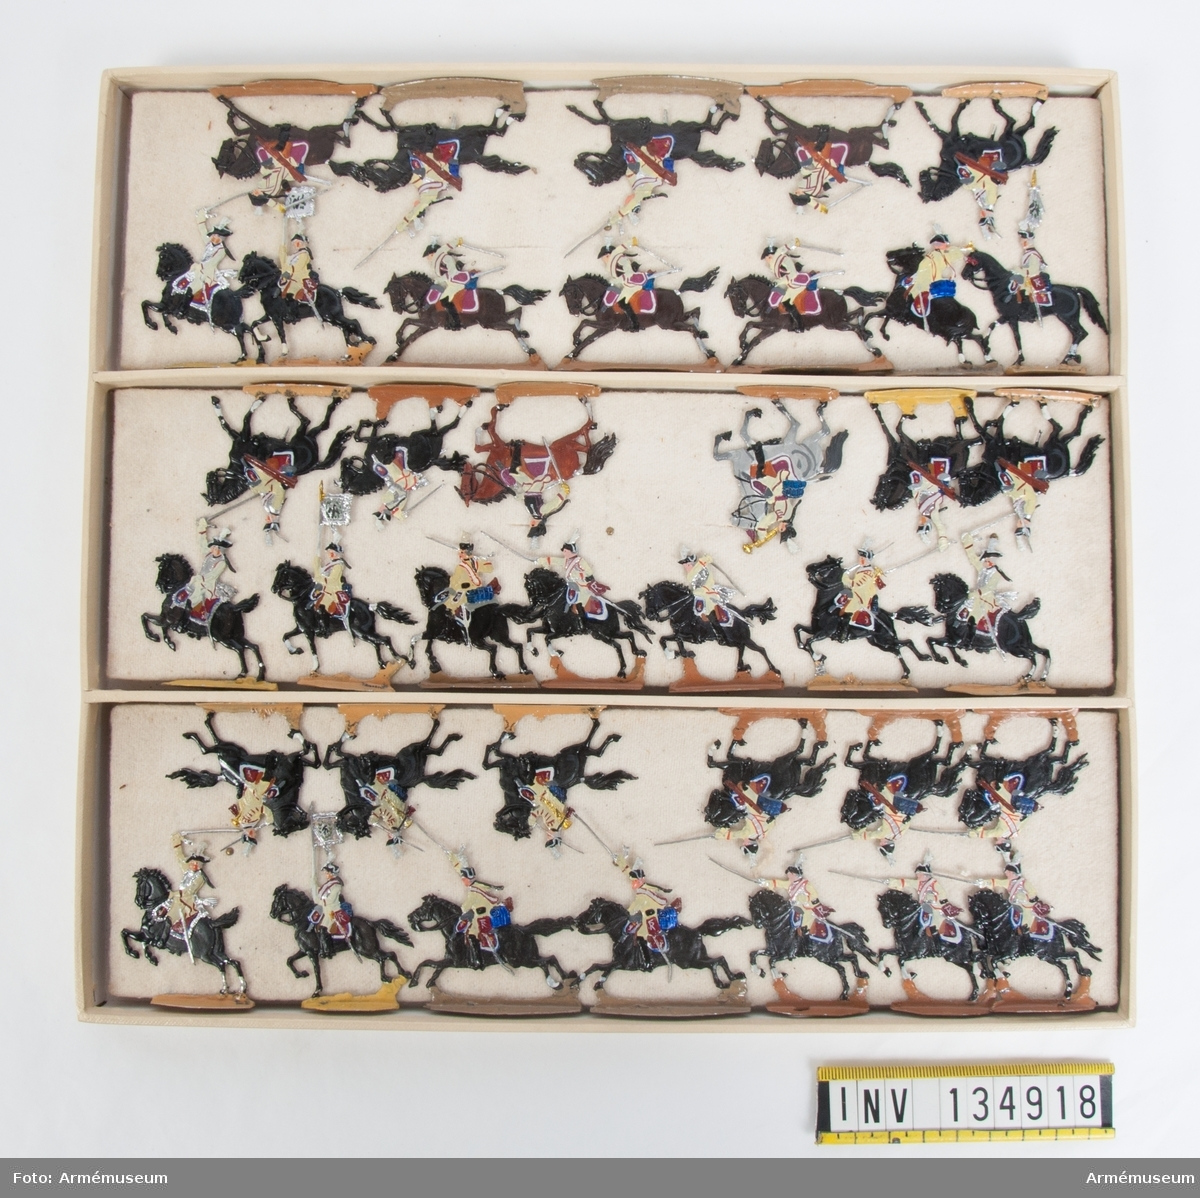 Kyrassiärer från Preussen från sjuåriga kriget. En låda med kavalleri i strid. Fabriksmålade.